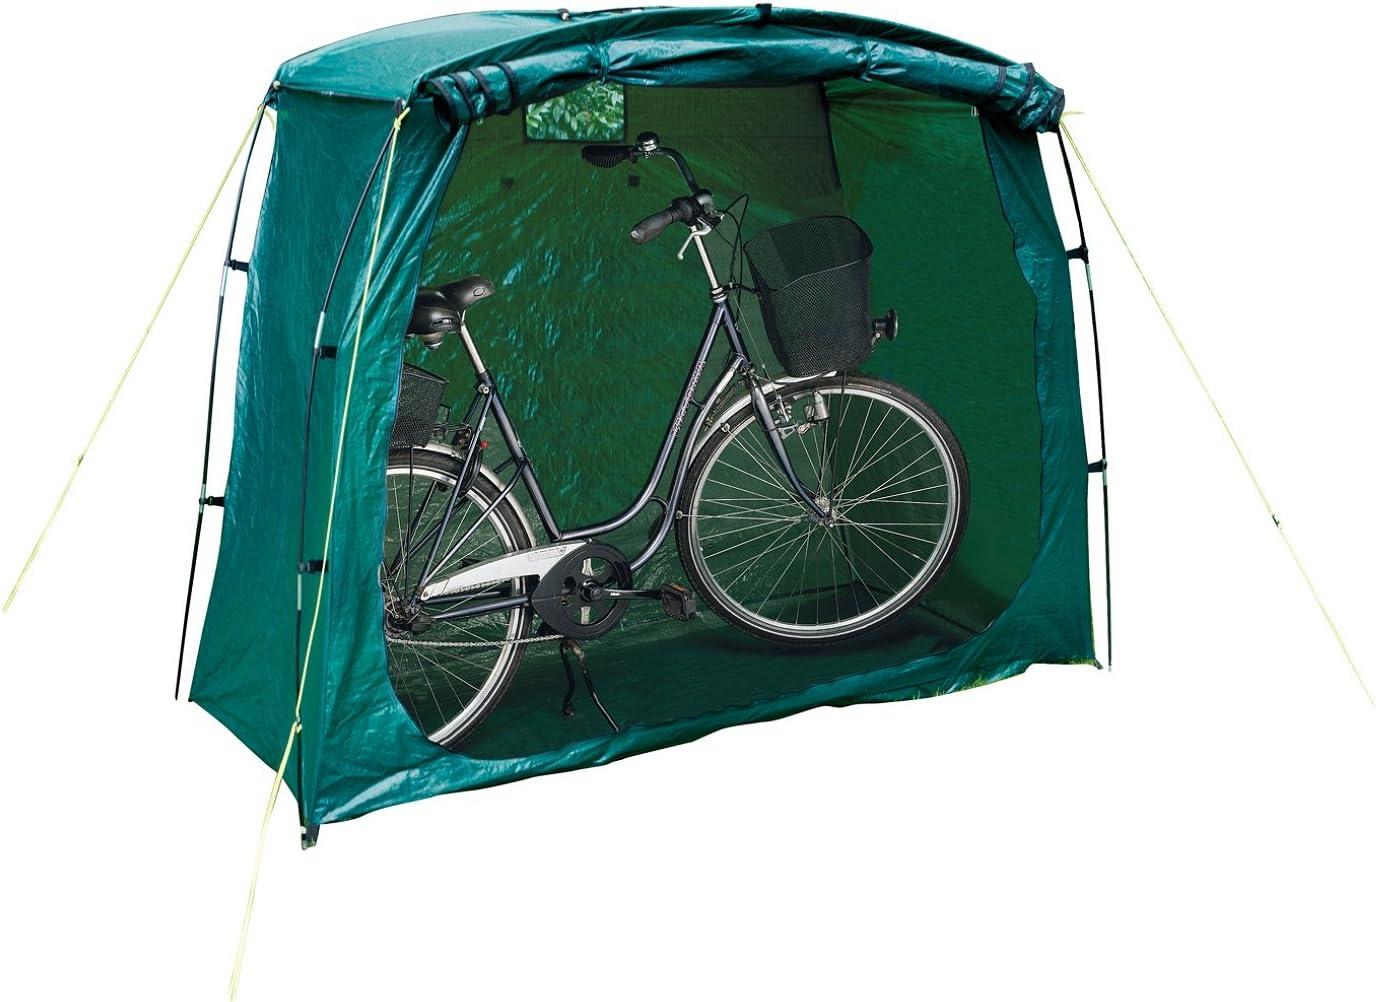 Tenda per Negozio di Biciclette Tenda per parcheggio allaperto per Due Biciclette () 78x 32 x 65 Tende Impermeabili per Bici Ritioner Negozio di Biciclette